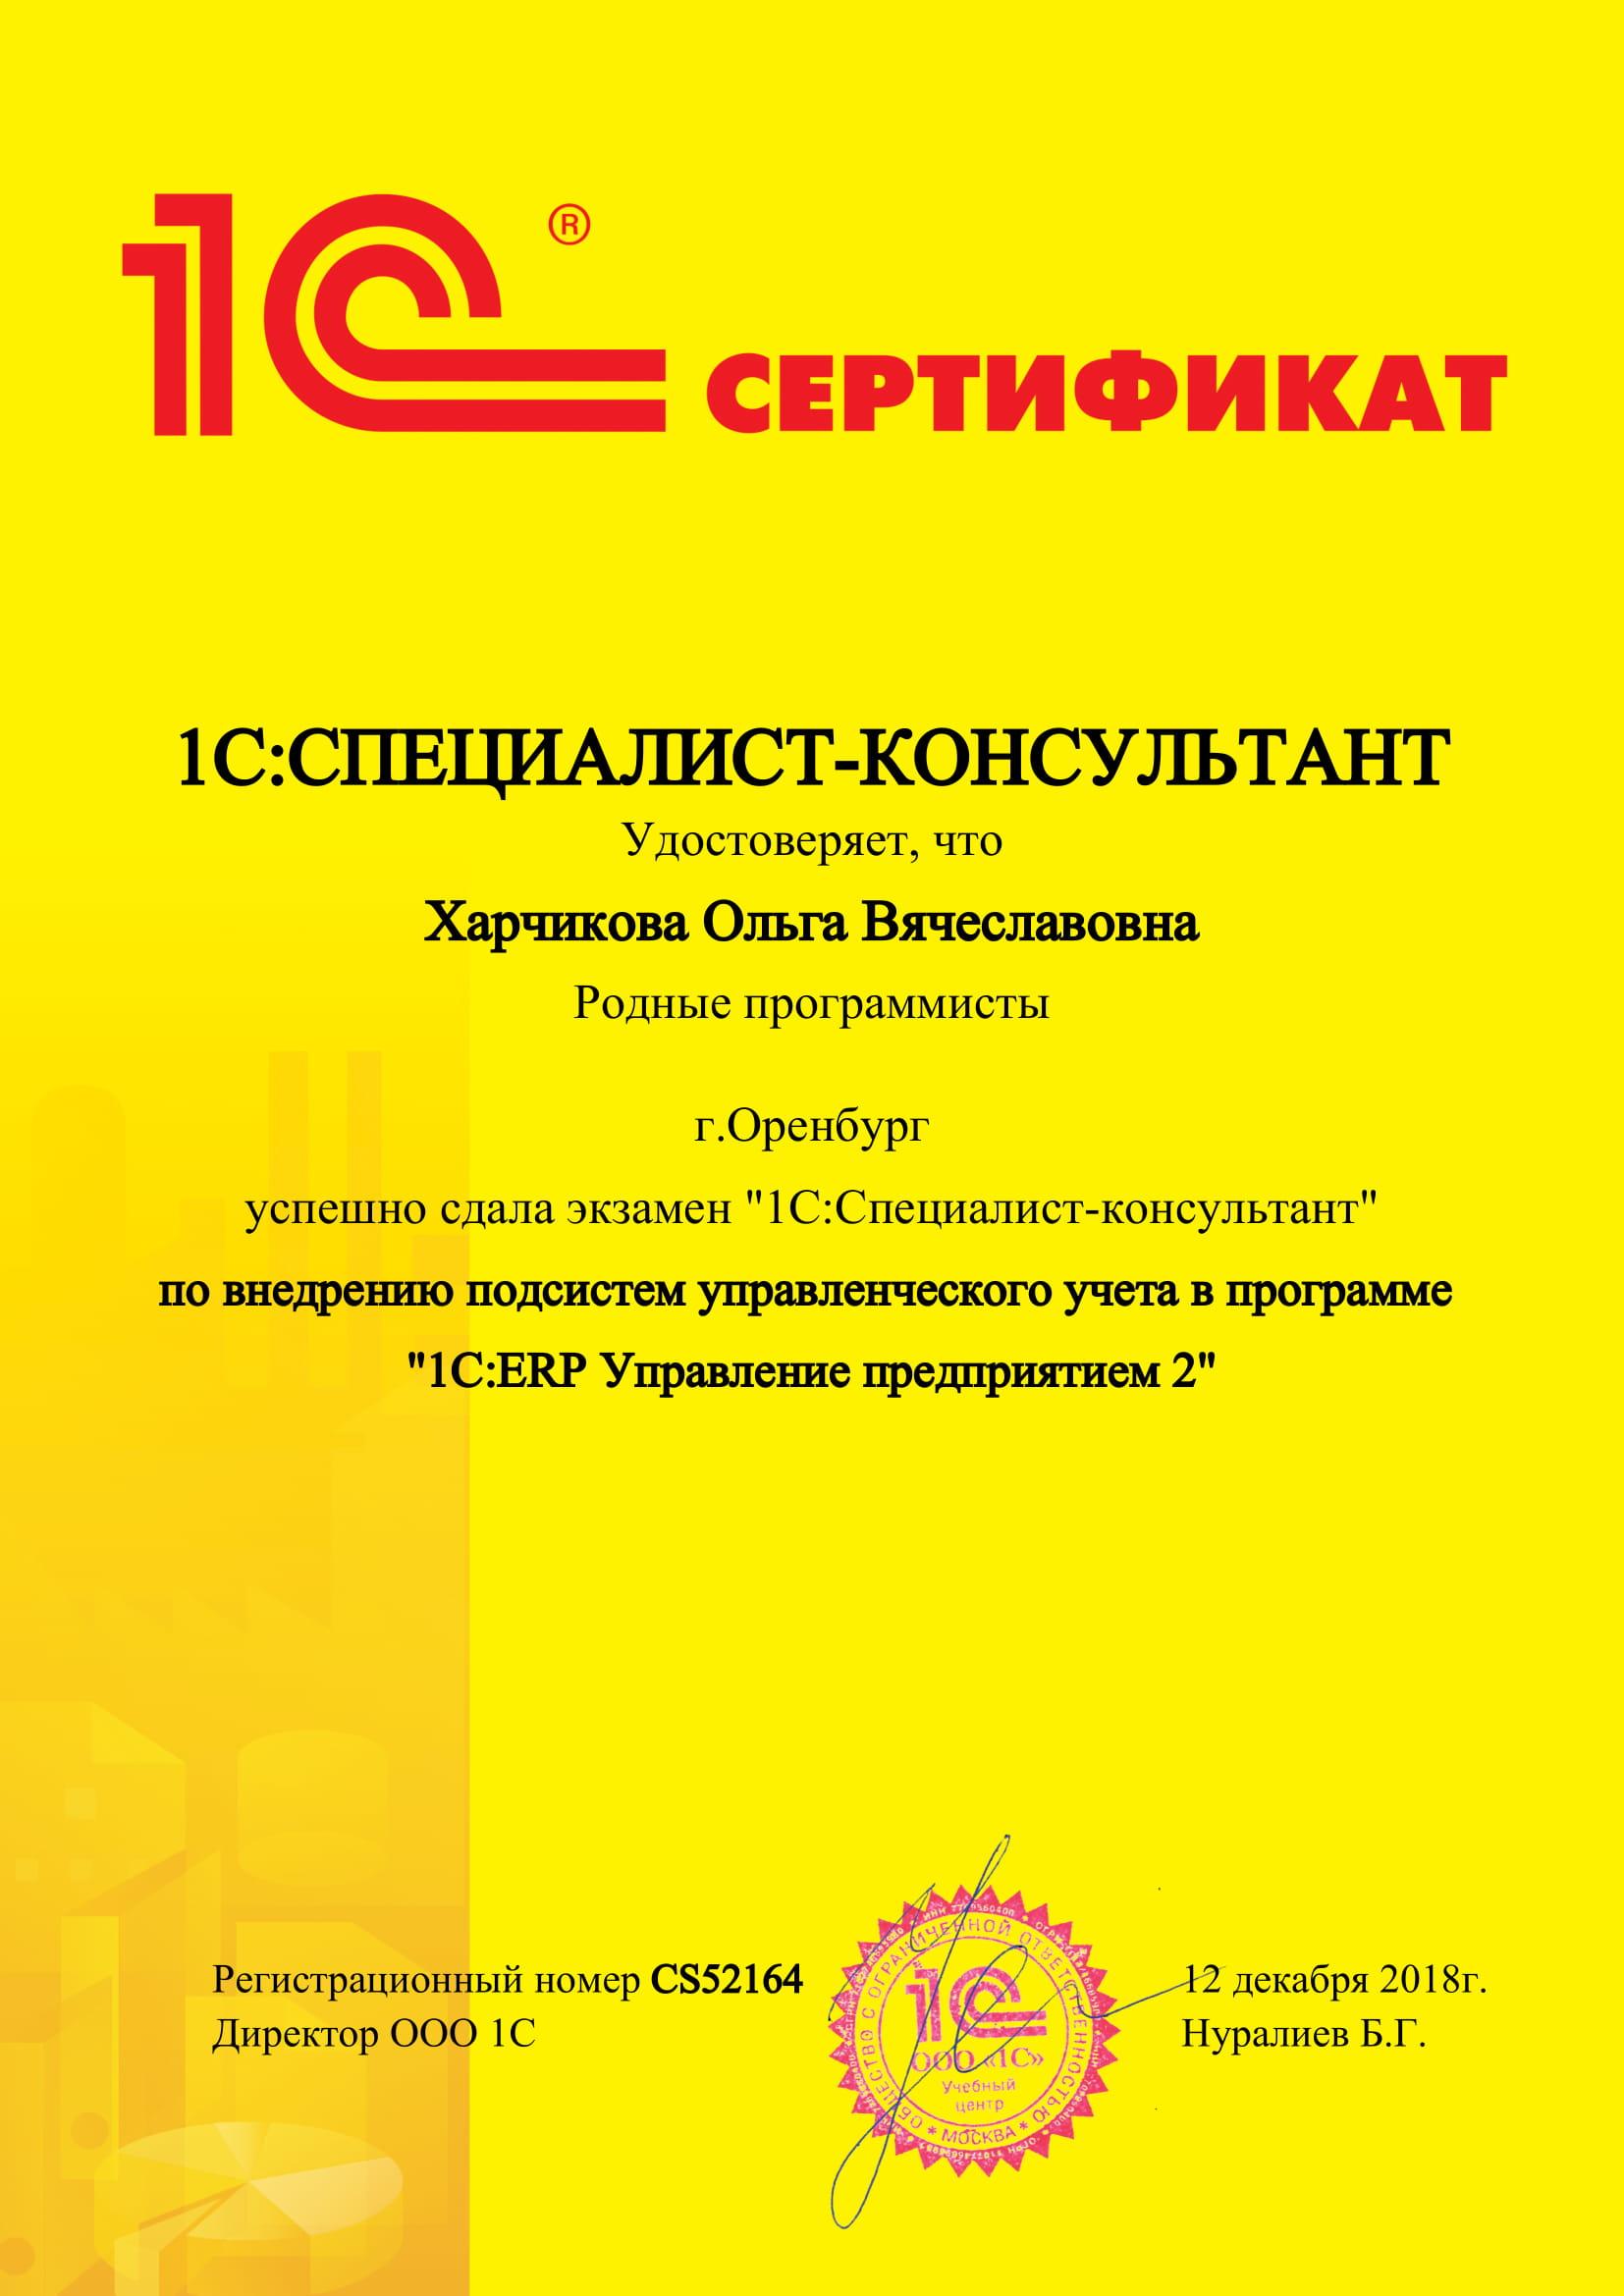 Харчикова Ольга специалист консультант по внедрению упр учета в ЕРП